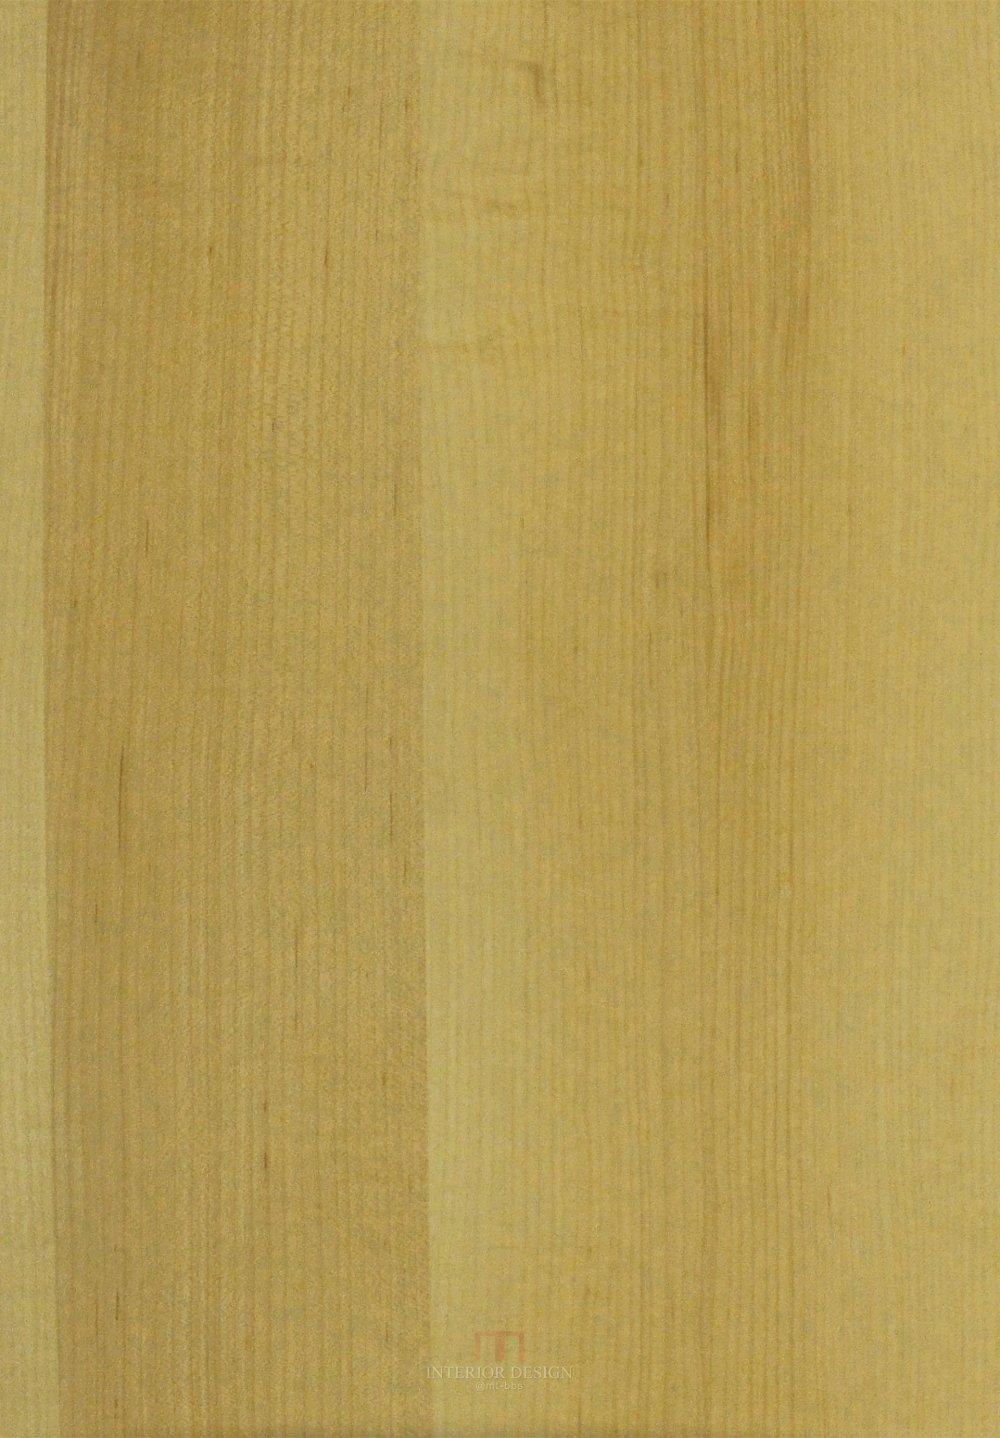 天然木纹_K6101AN_F0603.jpg